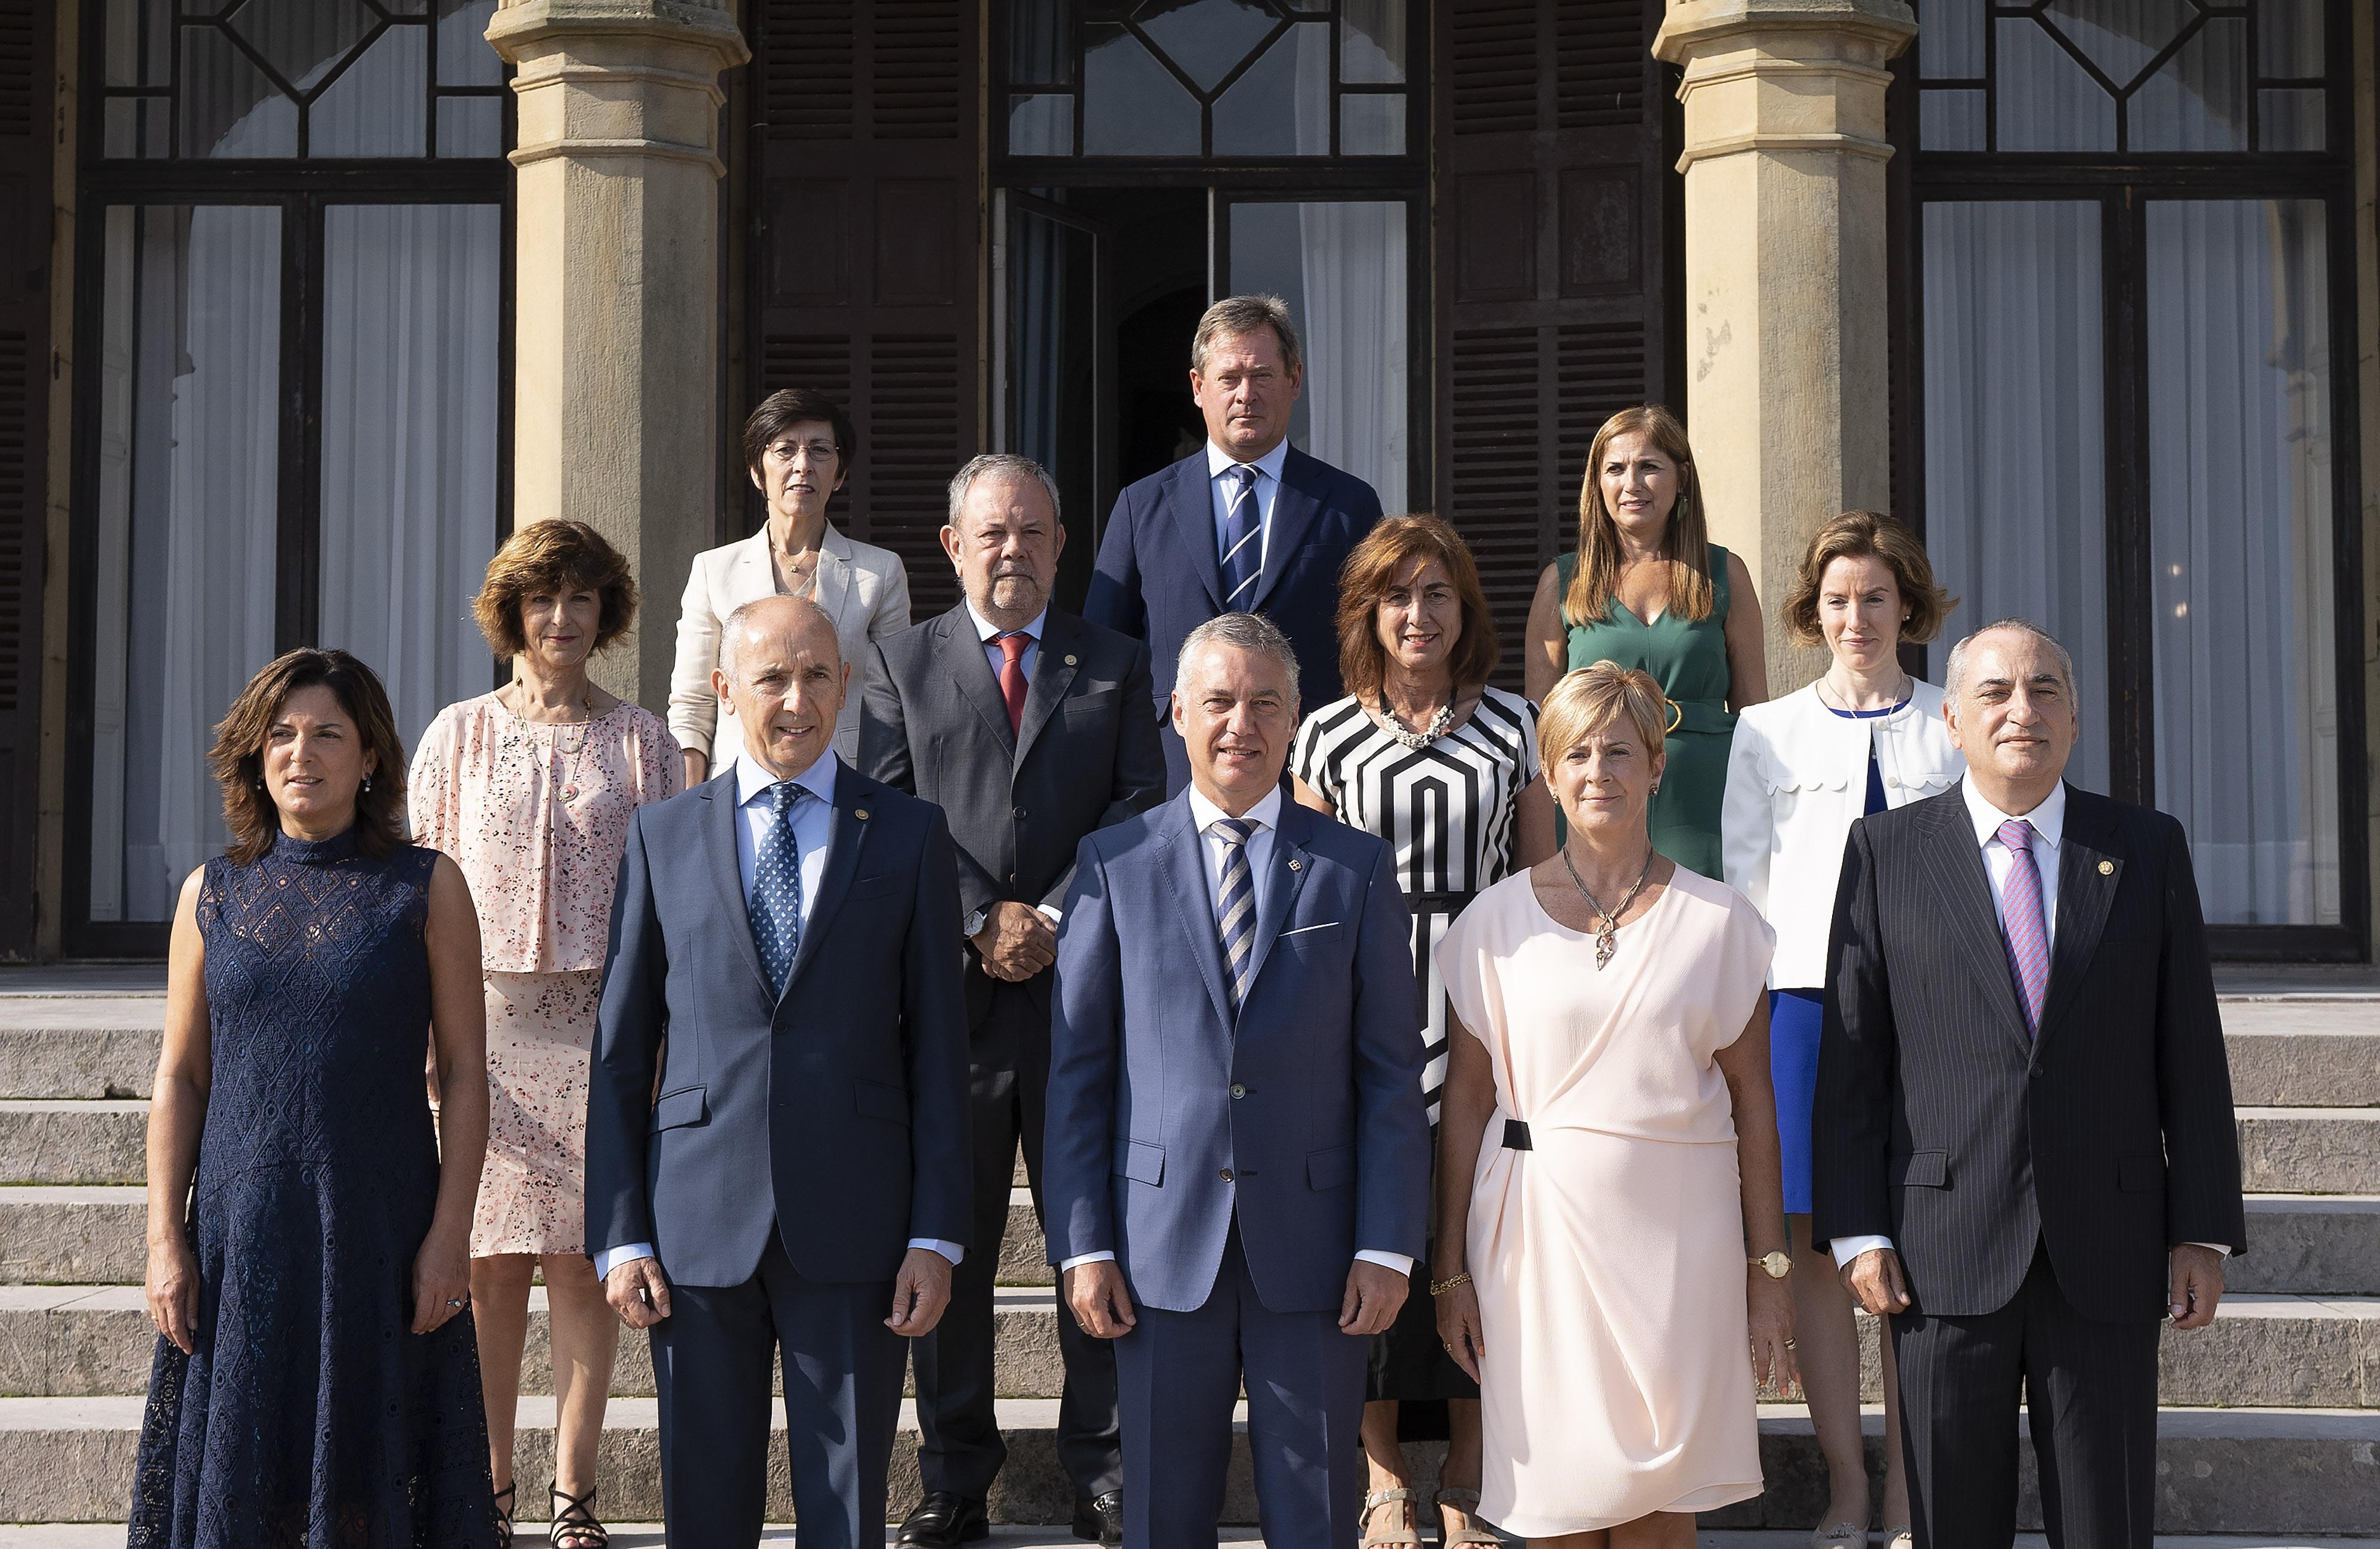 El Gobierno Vasco celebra el primer Consejo de Gobierno del curso político, en el Palacio Miramar